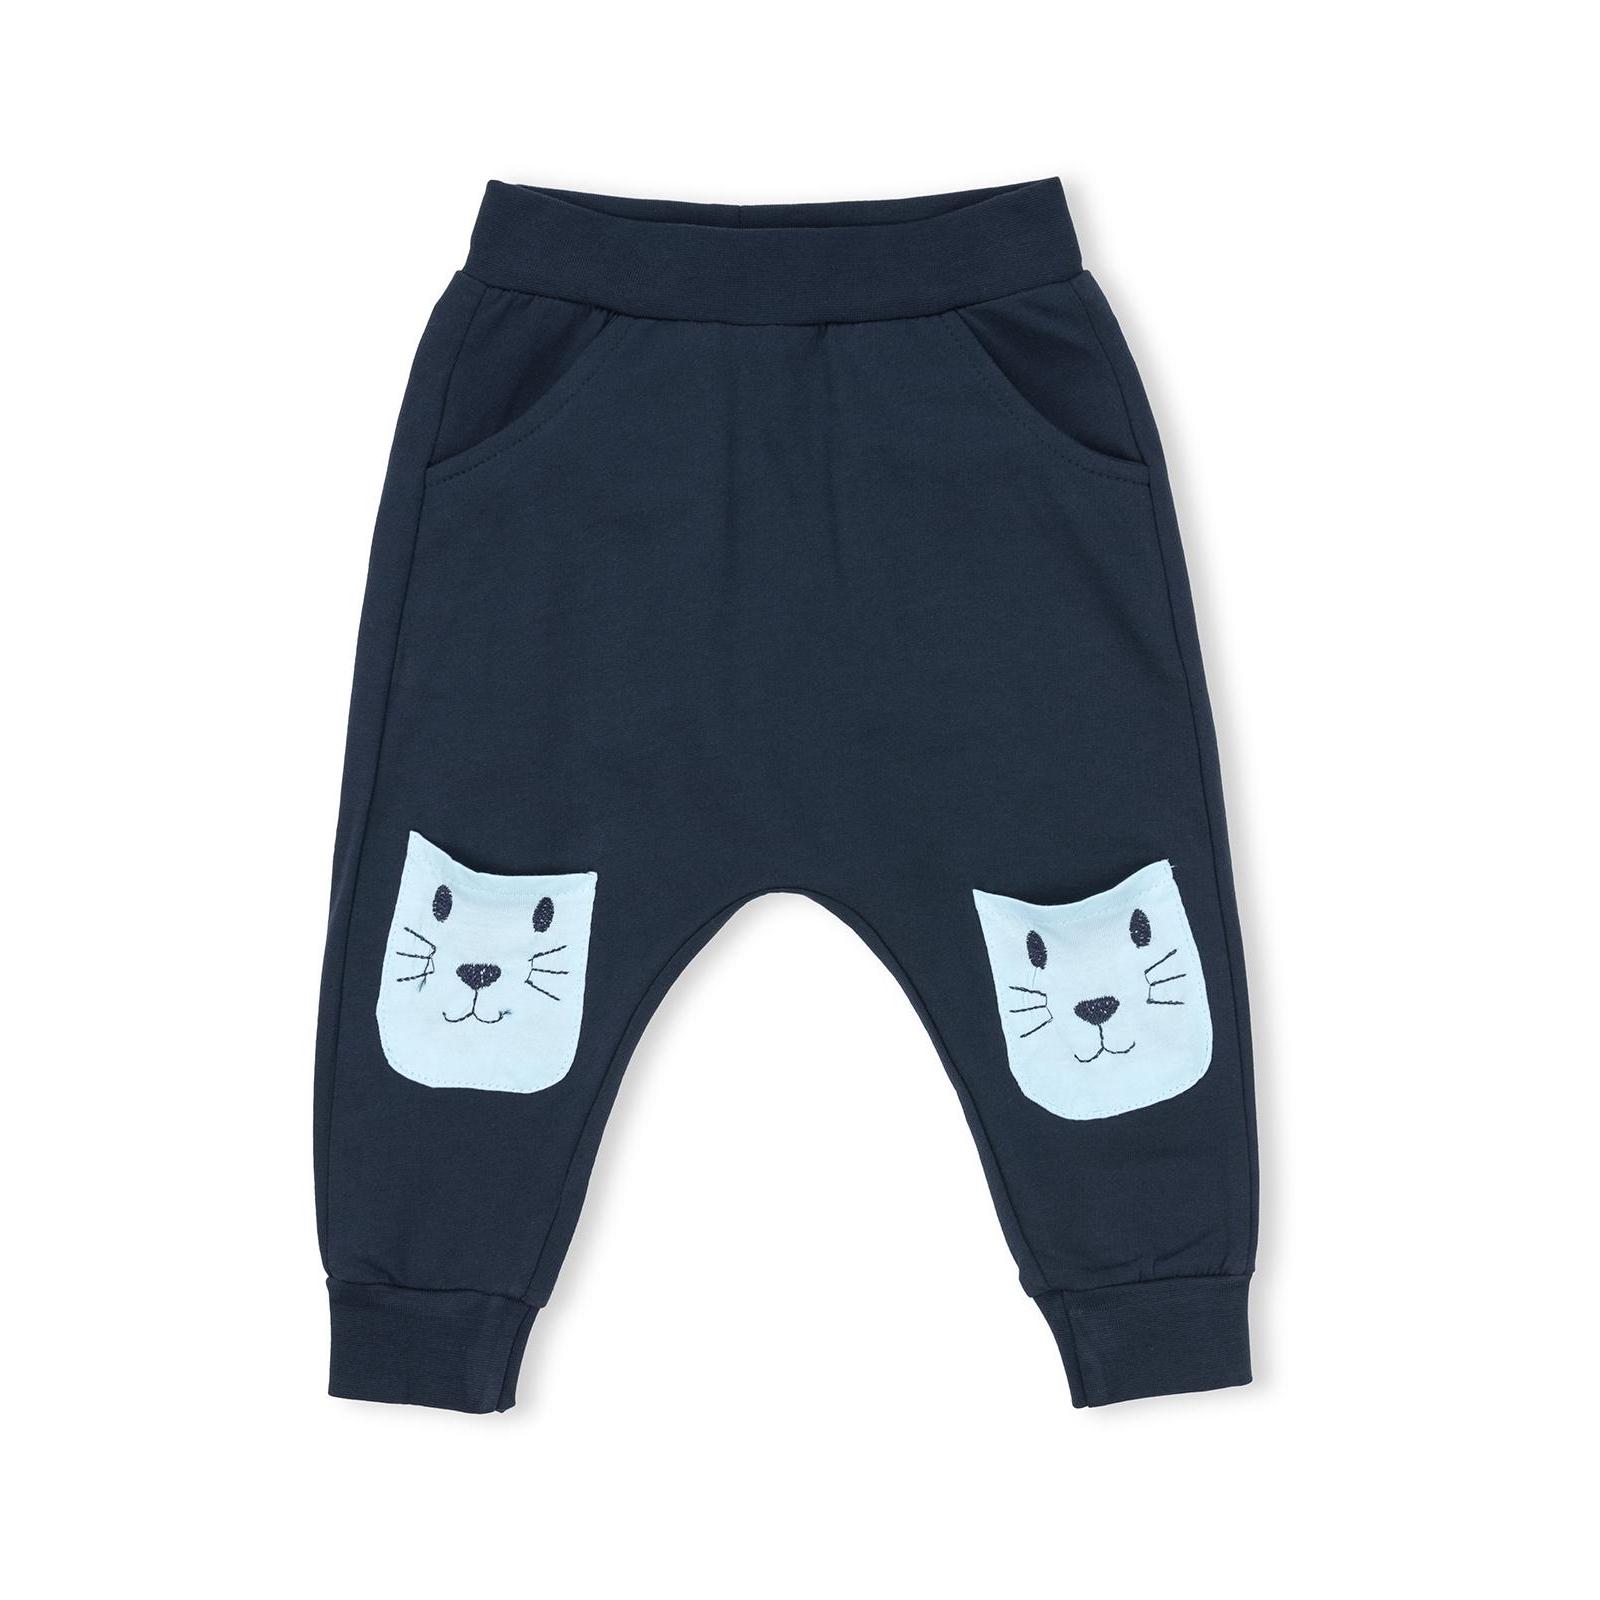 Набор детской одежды Breeze с карманчиками (10234-98G-blue) изображение 3